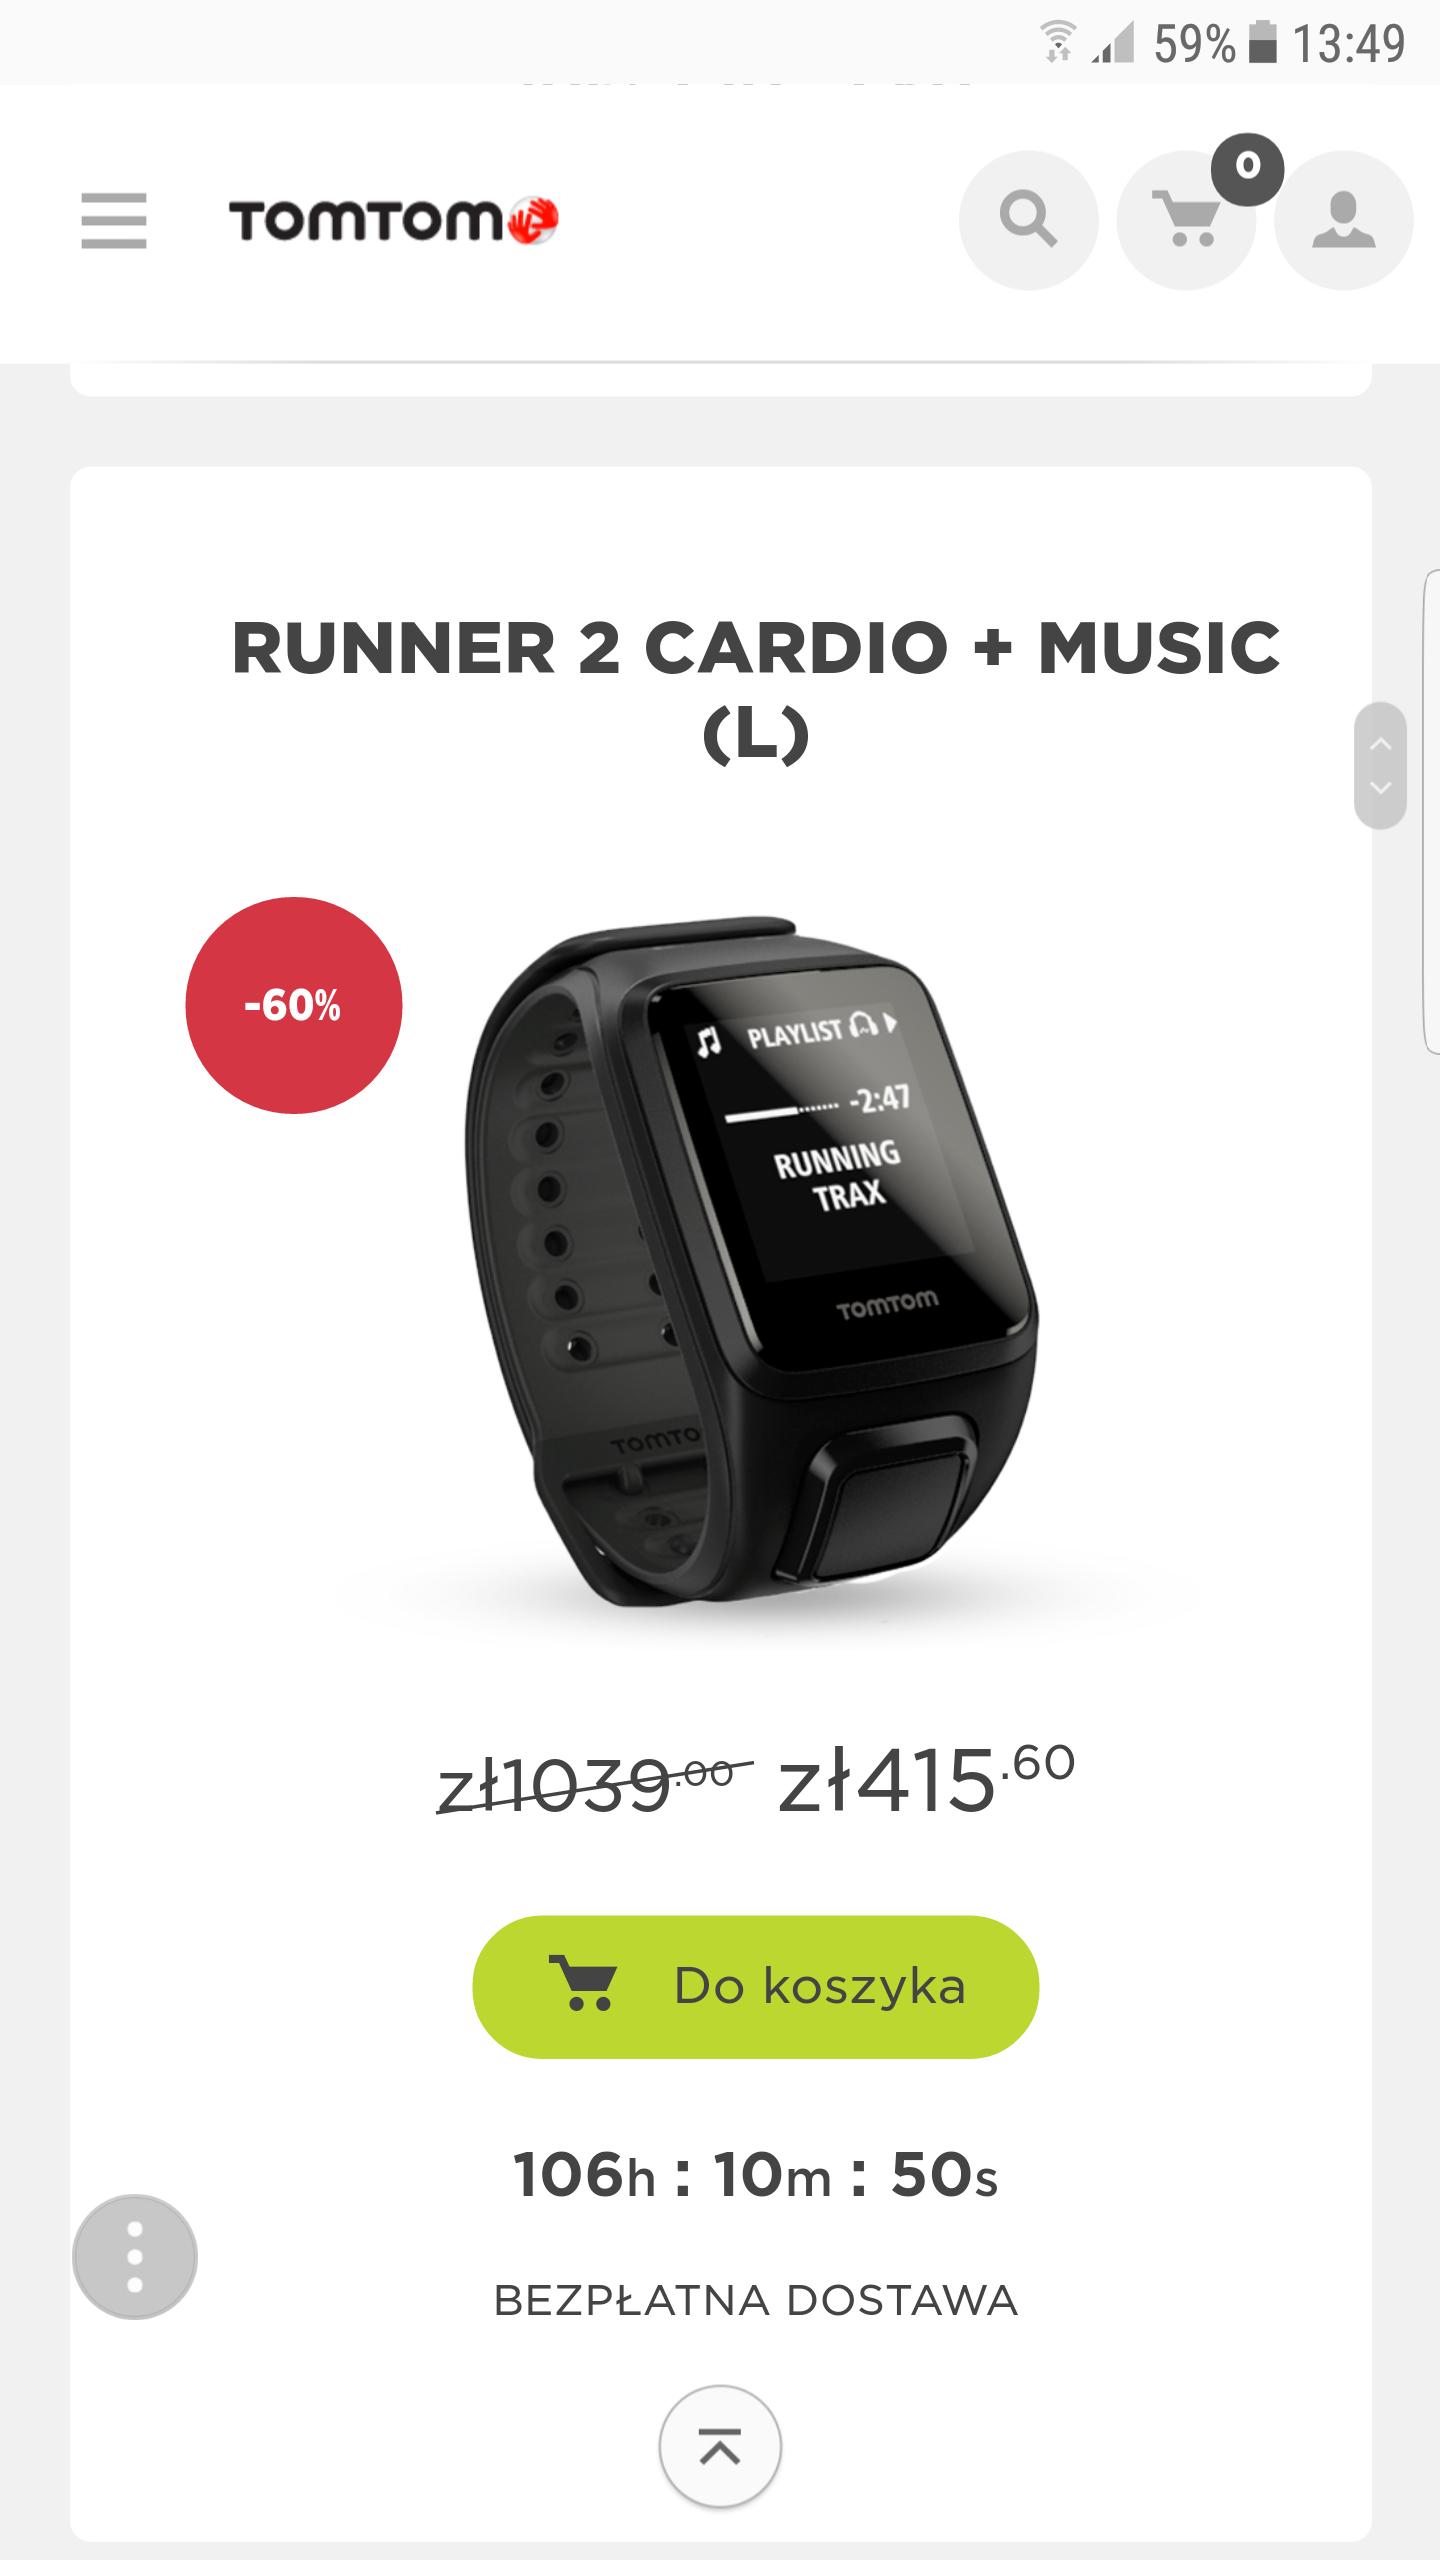 Tomtom Runner 2 Cardio + Music